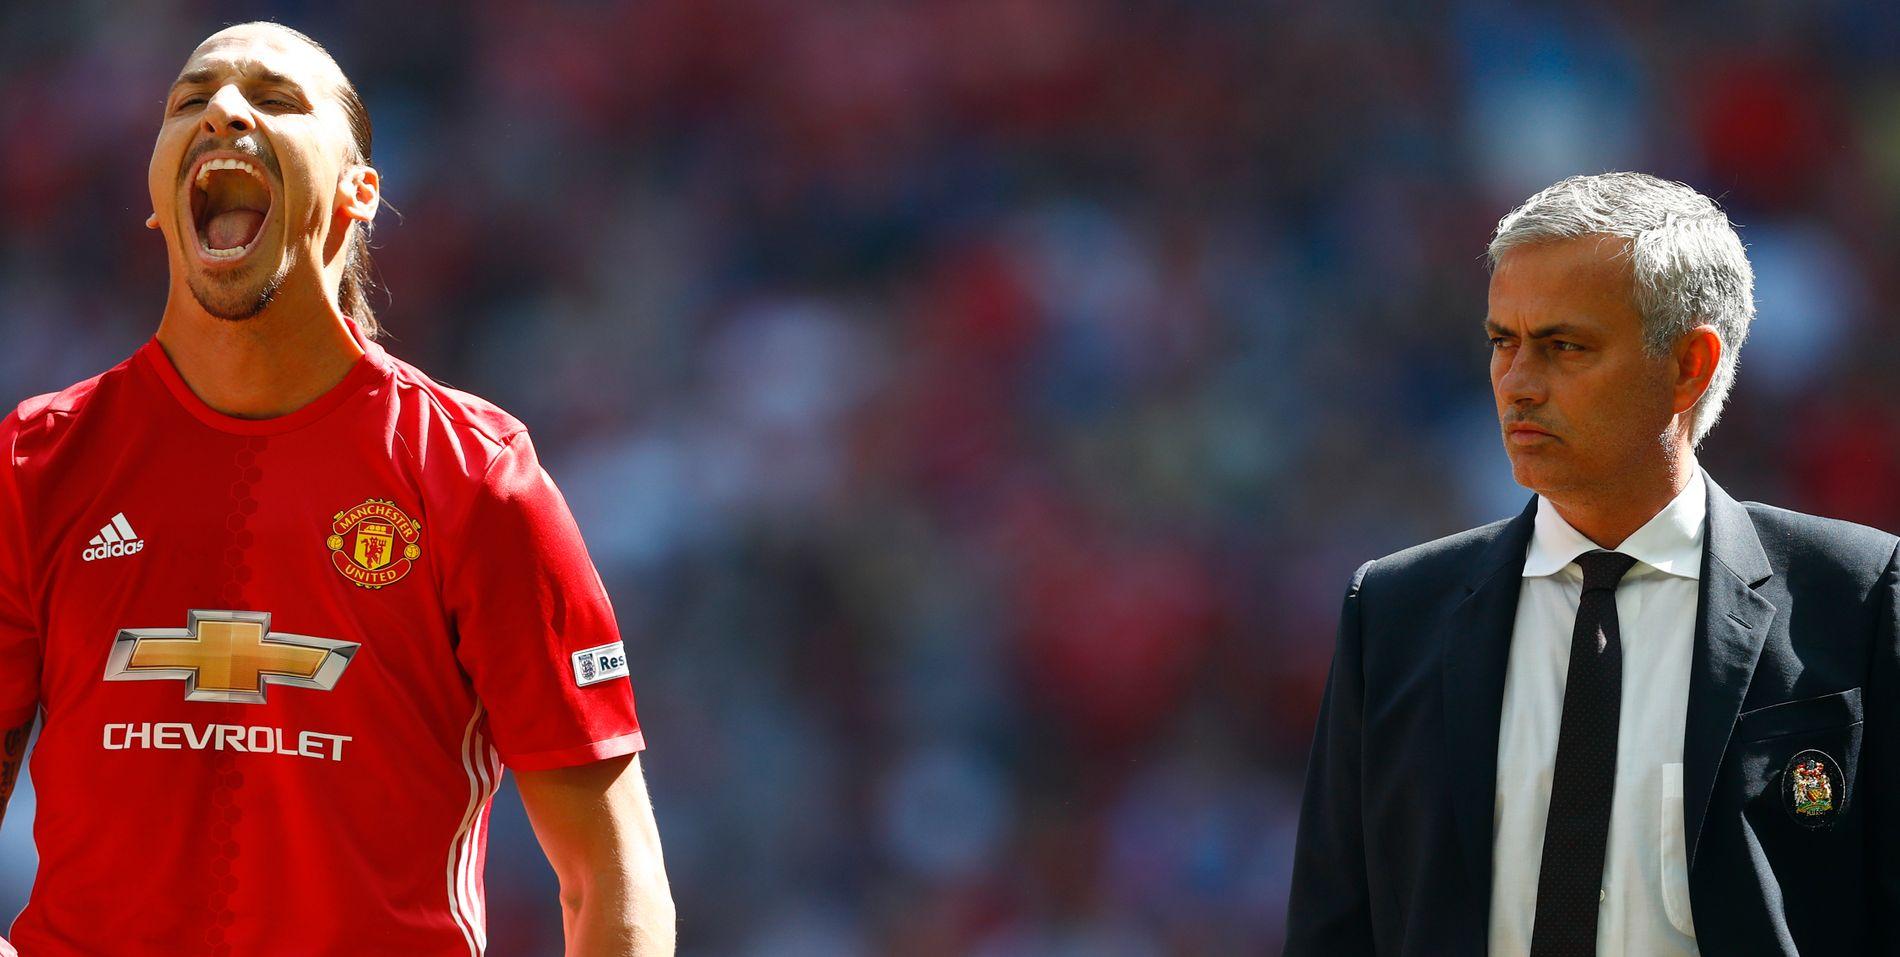 IKKE OVER? José Mourinho kan ha gjort helomvending, og nå kan det se ut som samarbeidet mellom ham og Zlatan Ibrahimovic fortsetter.